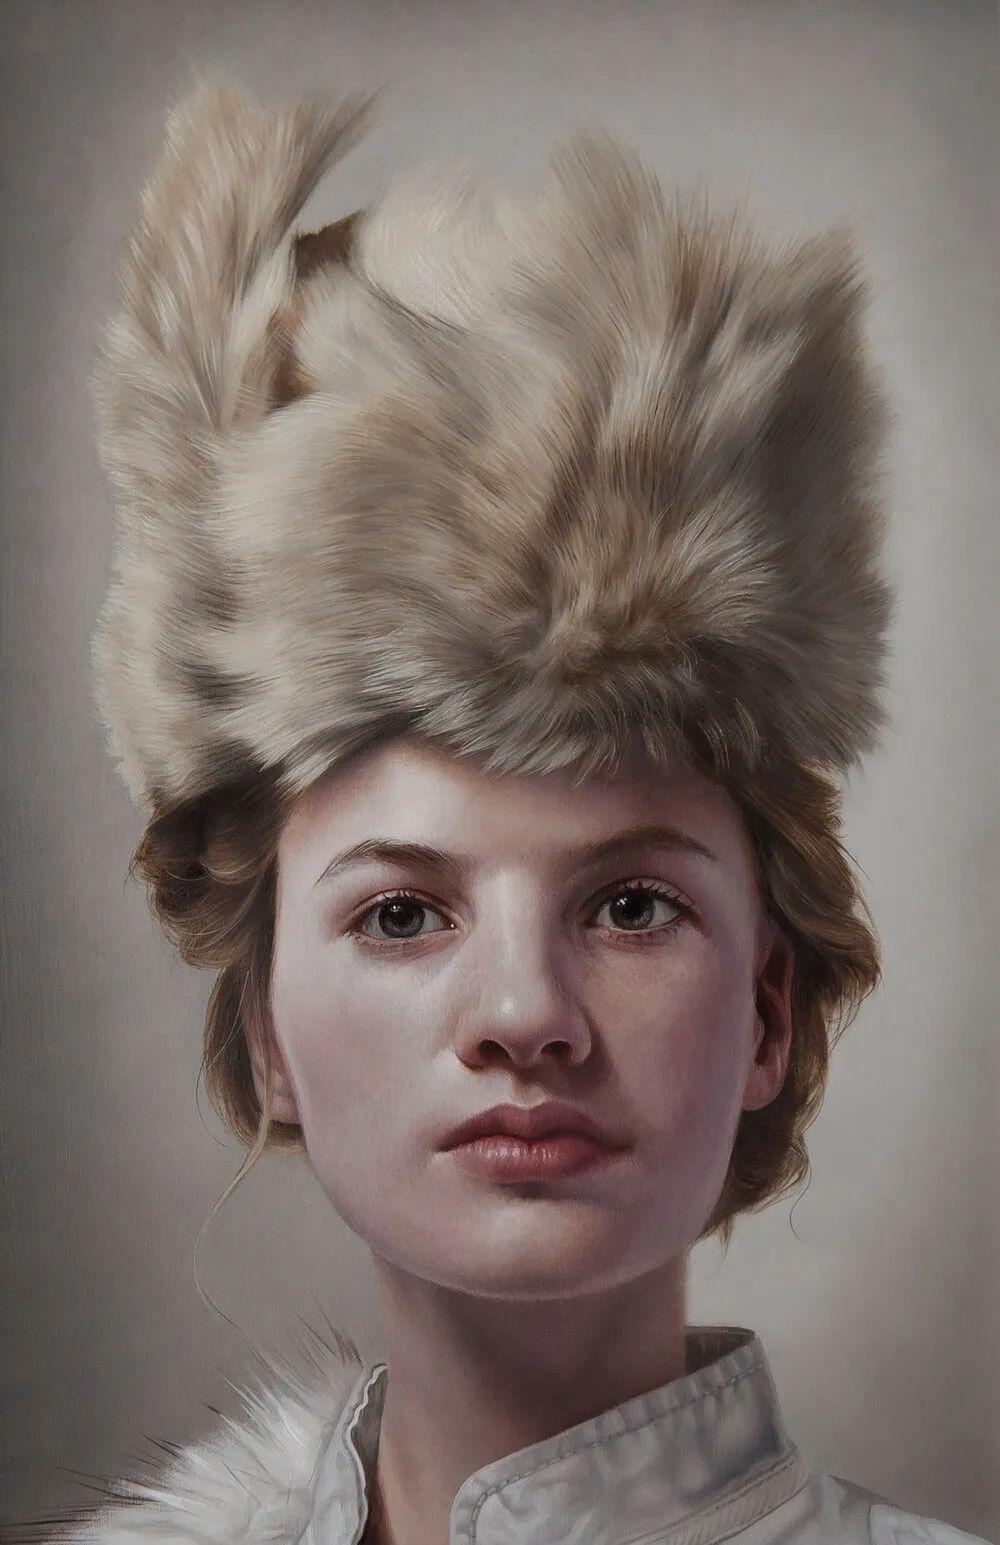 玛丽·简·安塞尔,时尚的女性肖像。插图55